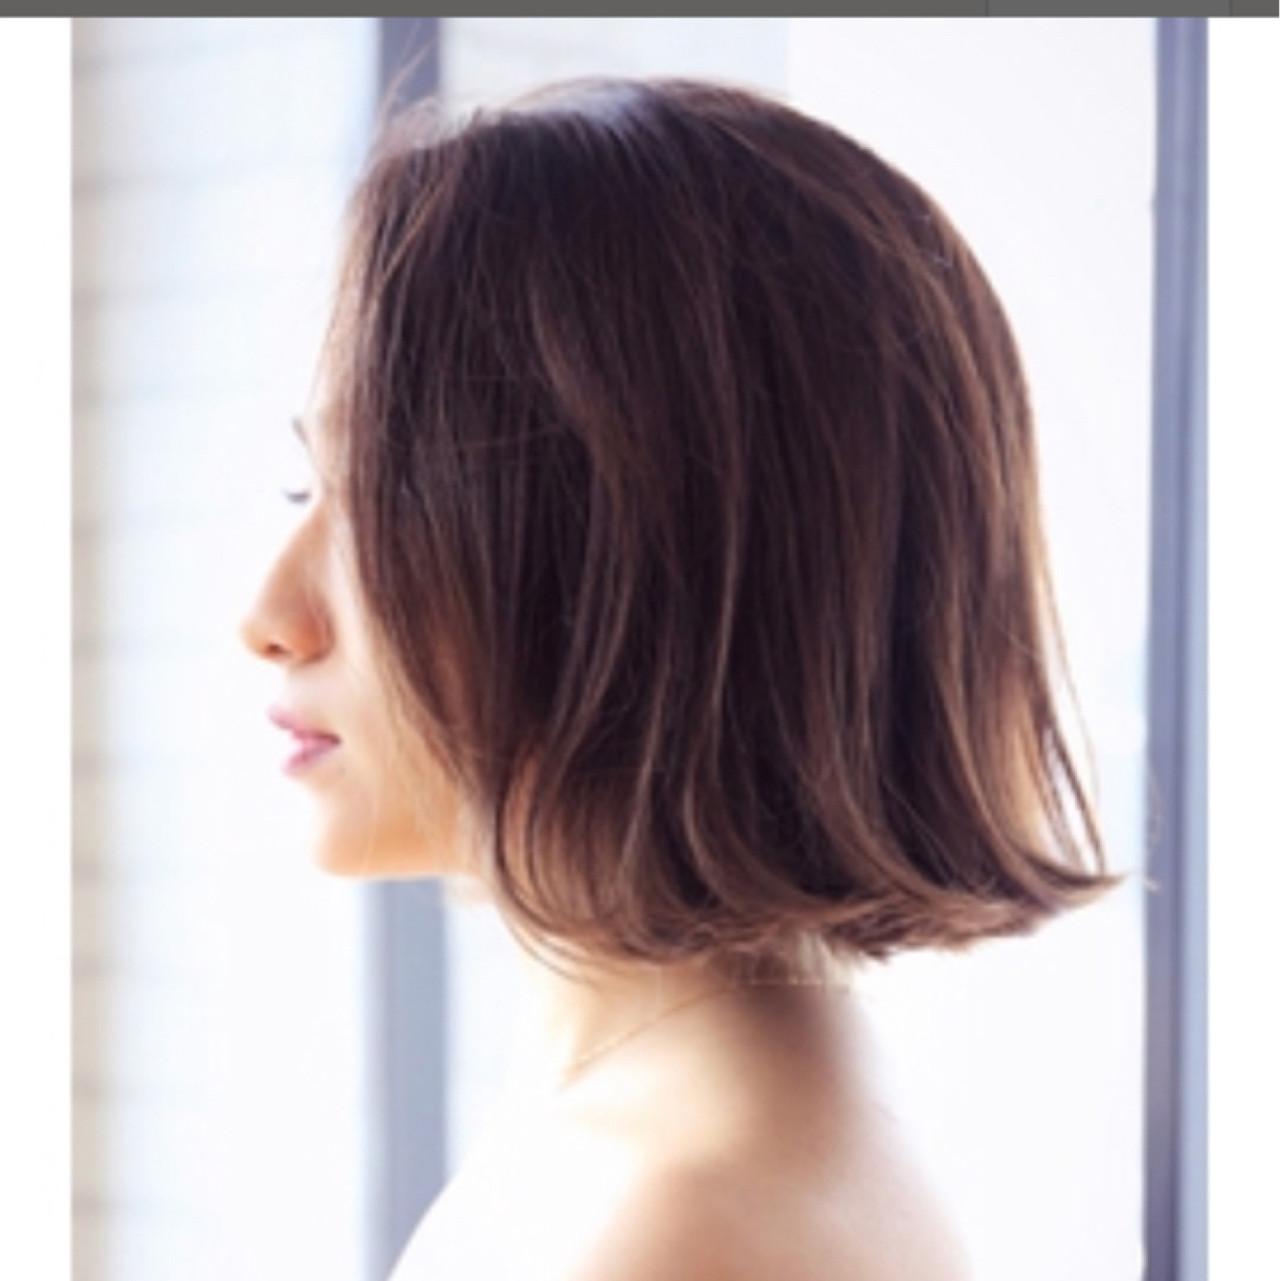 大人かわいい エレガント 夏 簡単ヘアアレンジ ヘアスタイルや髪型の写真・画像